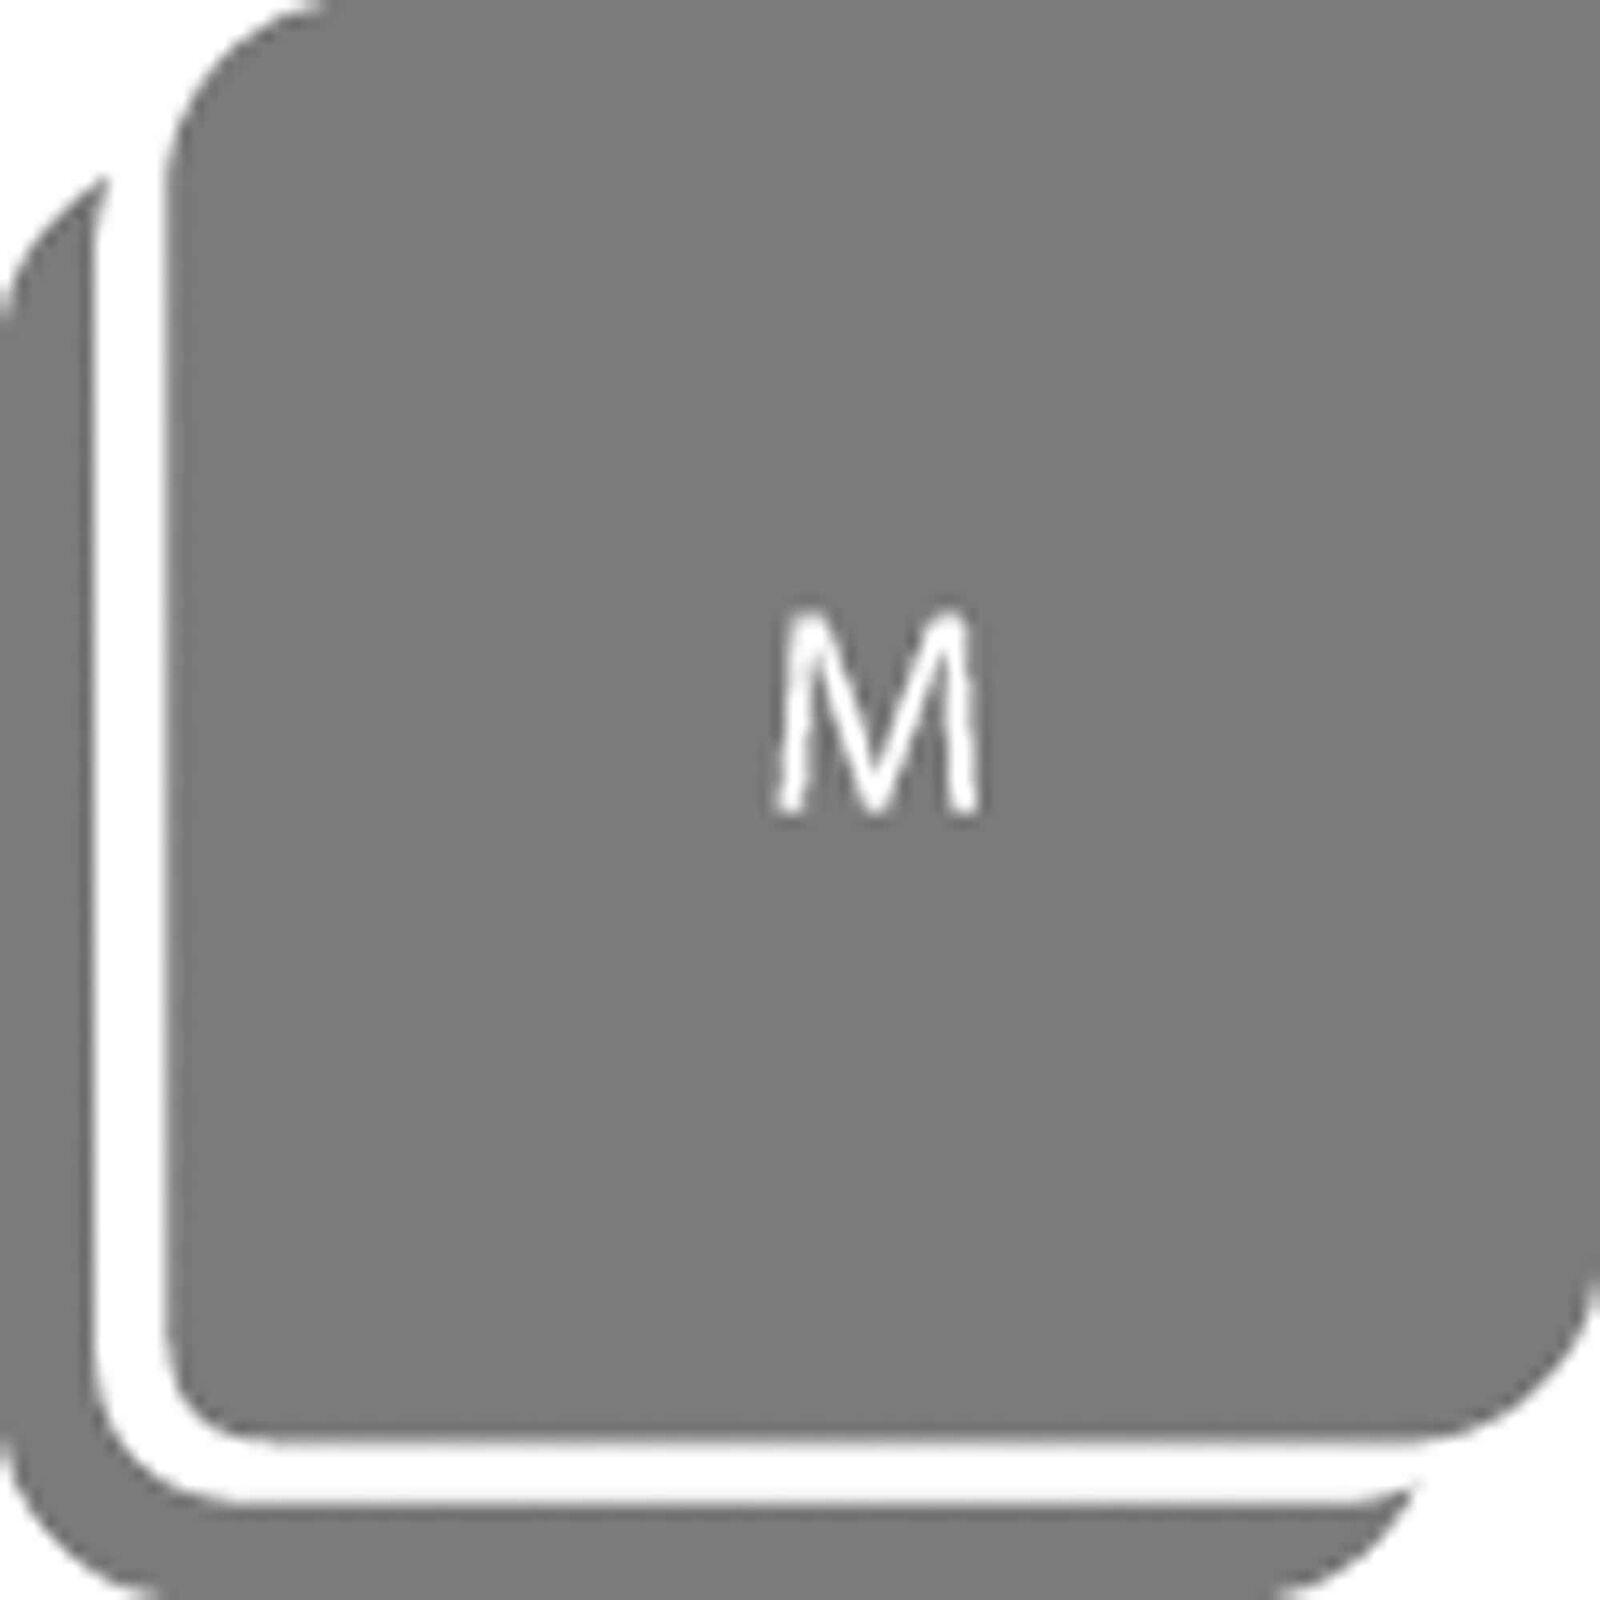 JBO Gewinde Grenzlehrdorn Grenzlehrdorn Grenzlehrdorn 6H M30,0 - 512075   Moderate Kosten    Schön In Der Farbe    Lass unsere Waren in die Welt gehen  642806